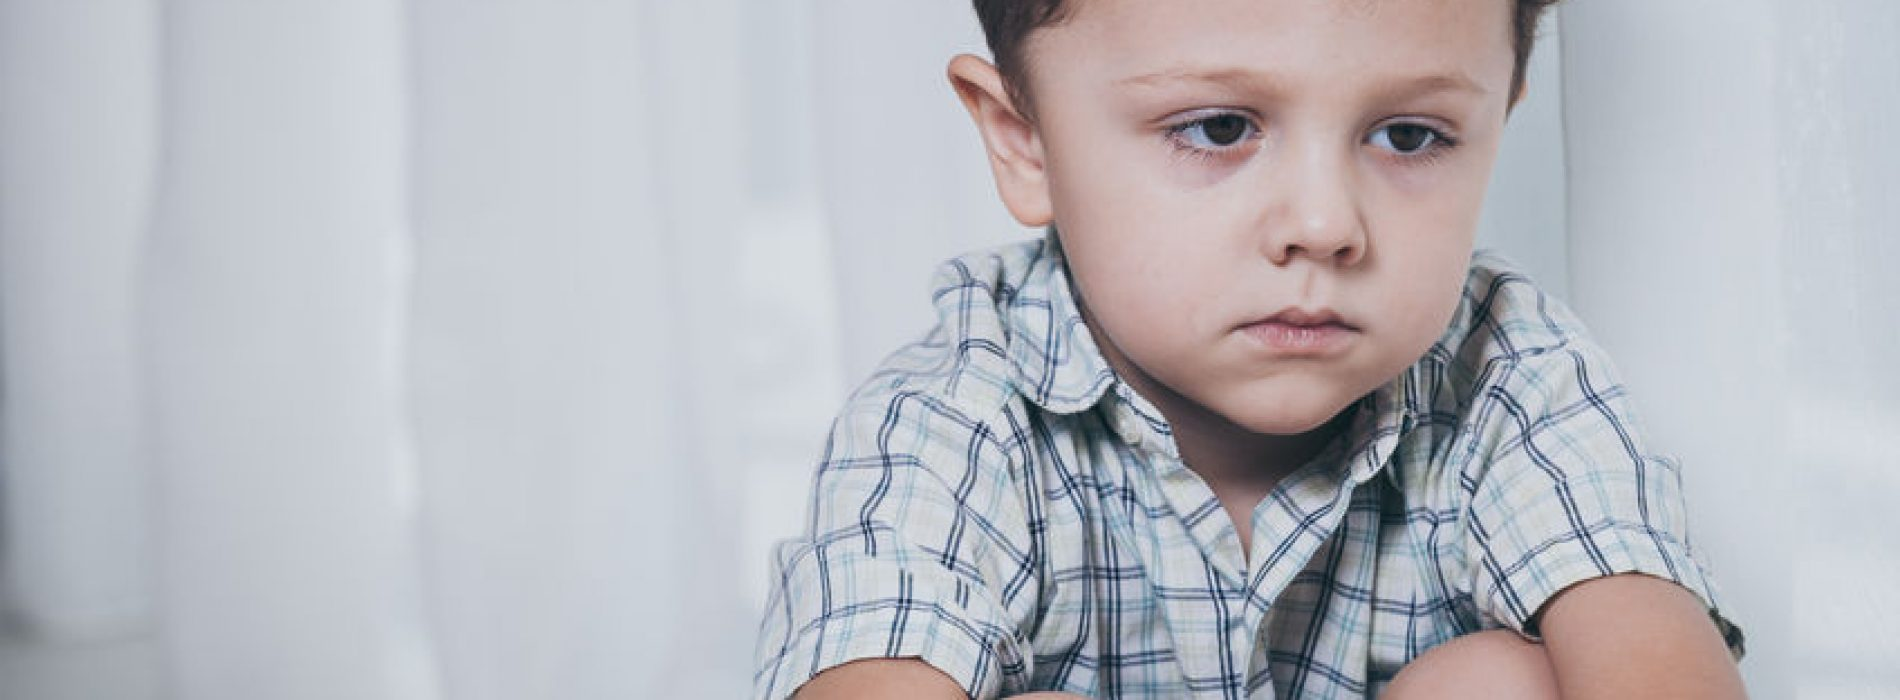 Czy istnieje specjalna dieta dla dzieci autystycznych?